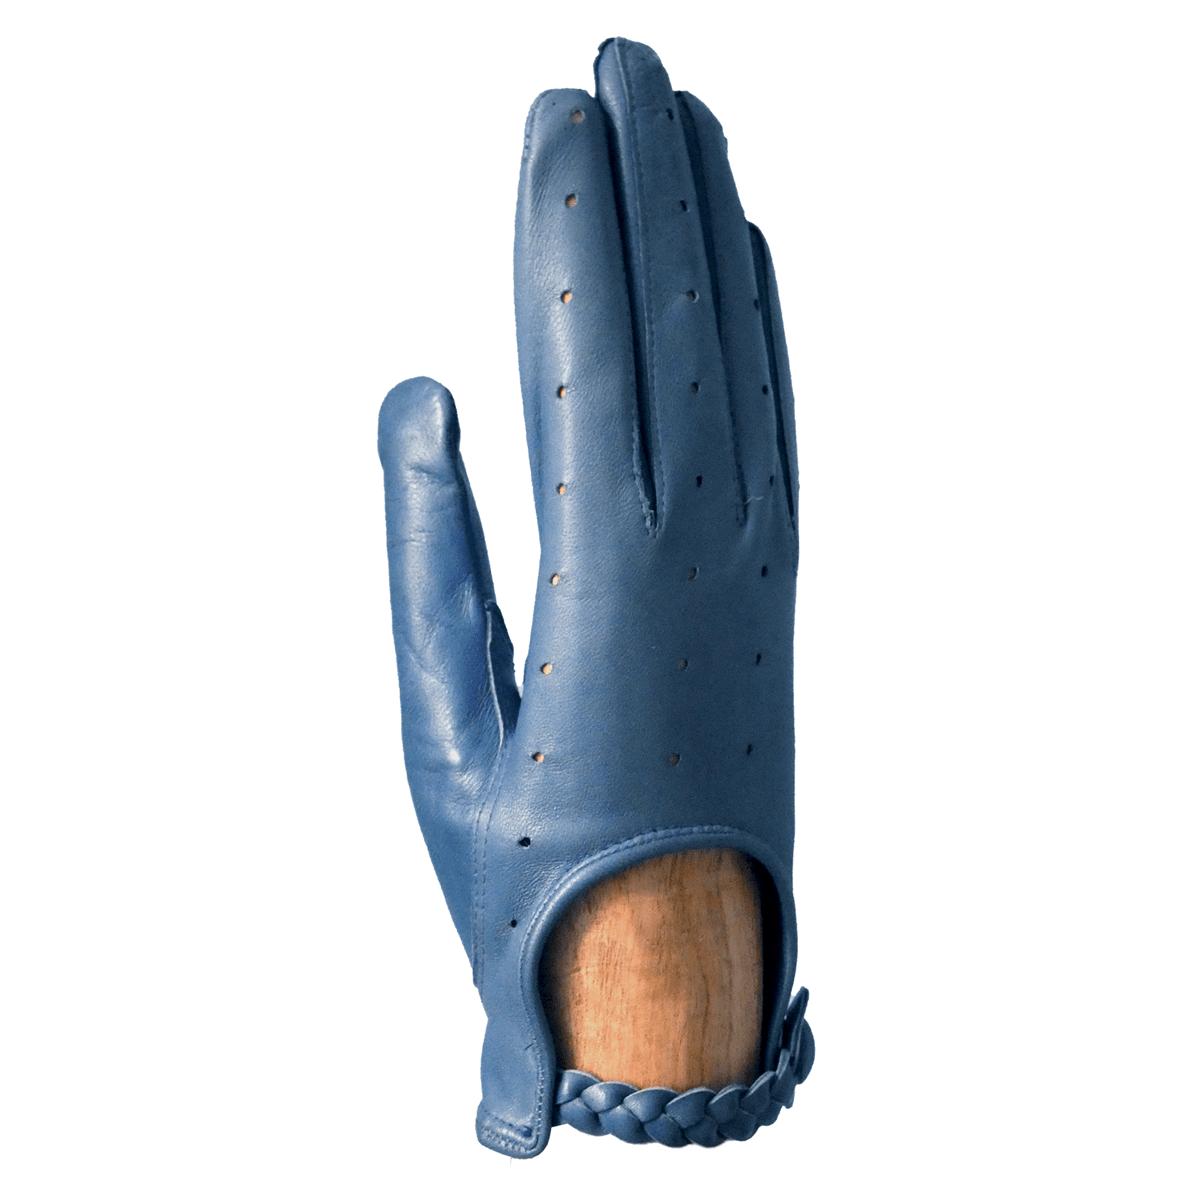 Gants de conduite fantaisie bleu pour femme agneau non-doublé patte de boutonnage tressée - cassisroyal.com